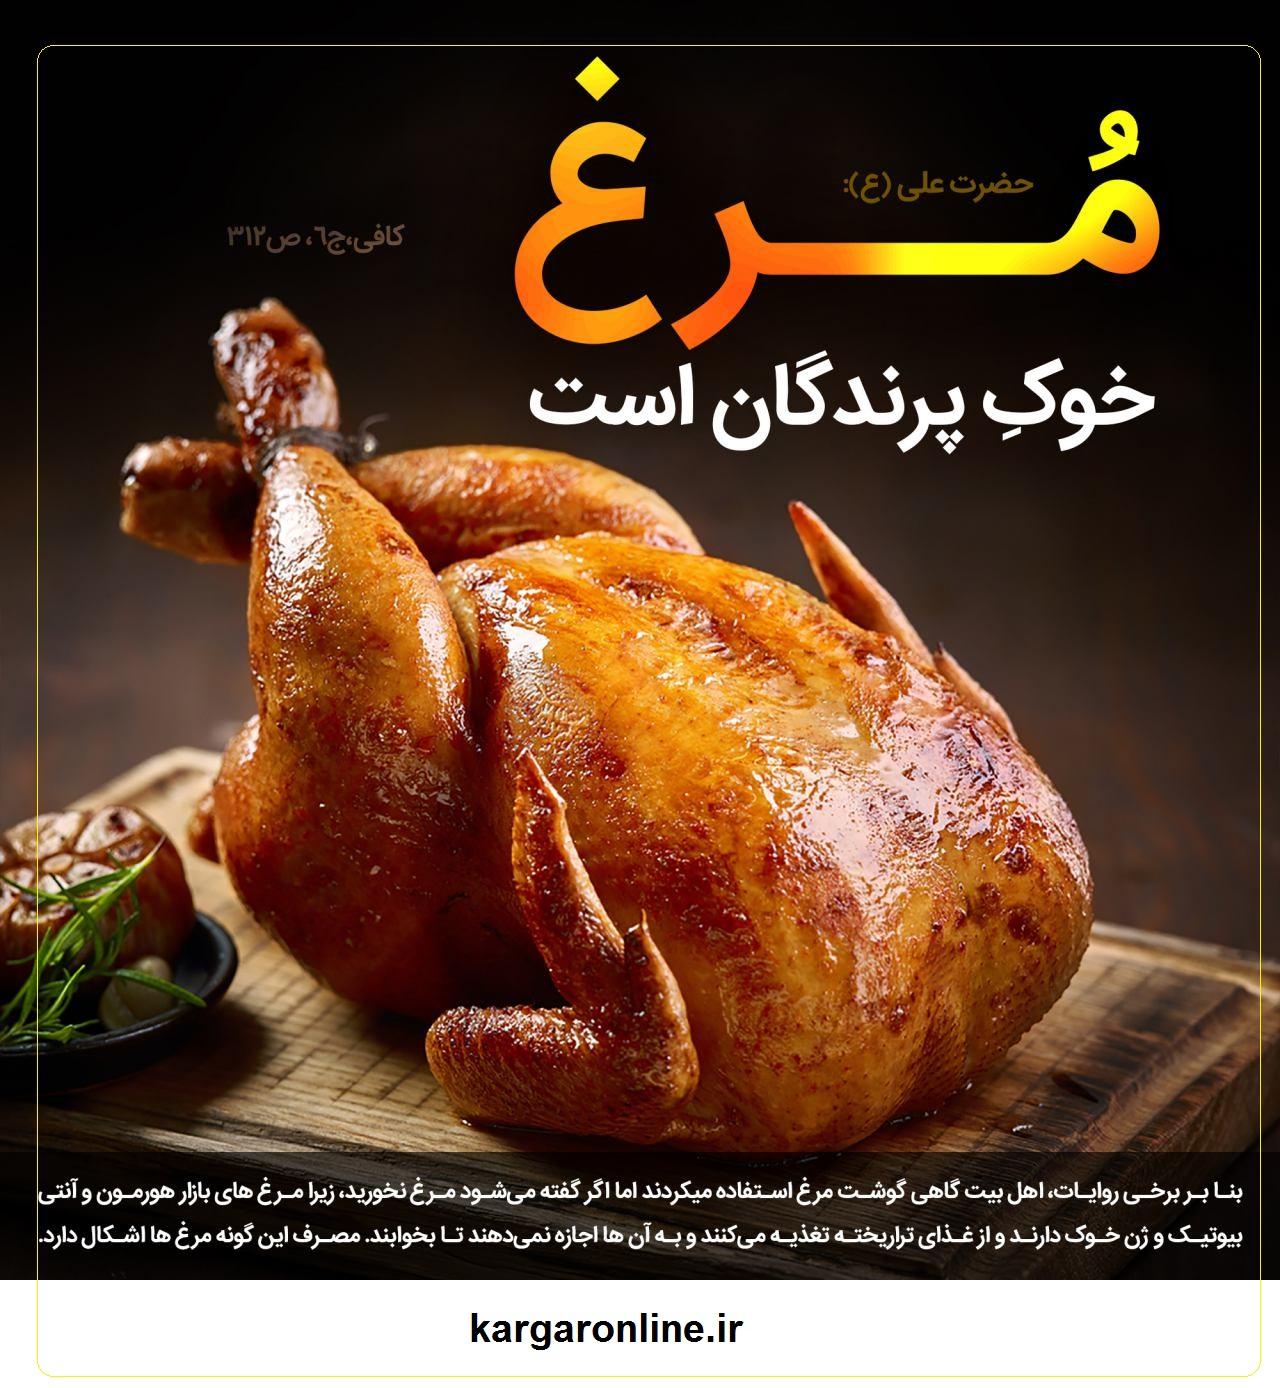 چرا مرغ به خوک پرندگان شهرت دارد+پاسخ در روایات و طب اسلامی